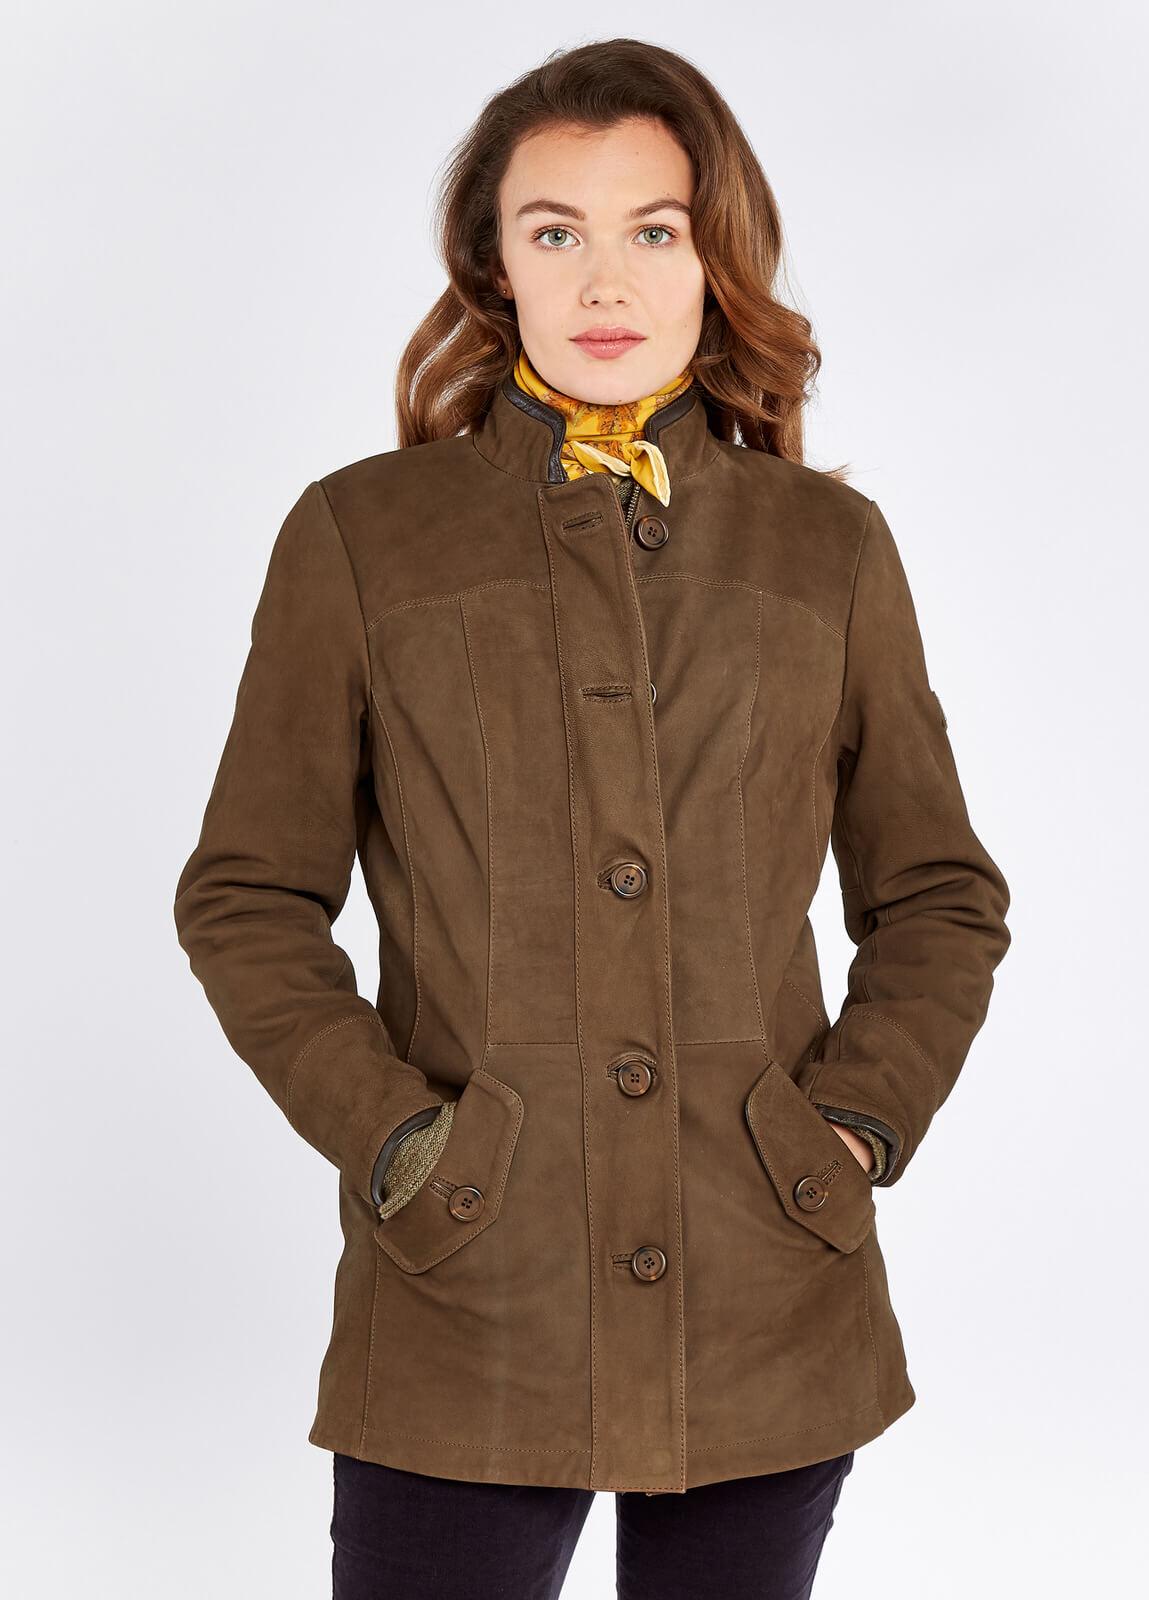 Dubarry_Joyce_Leather_Jacket_Walnut_on_model